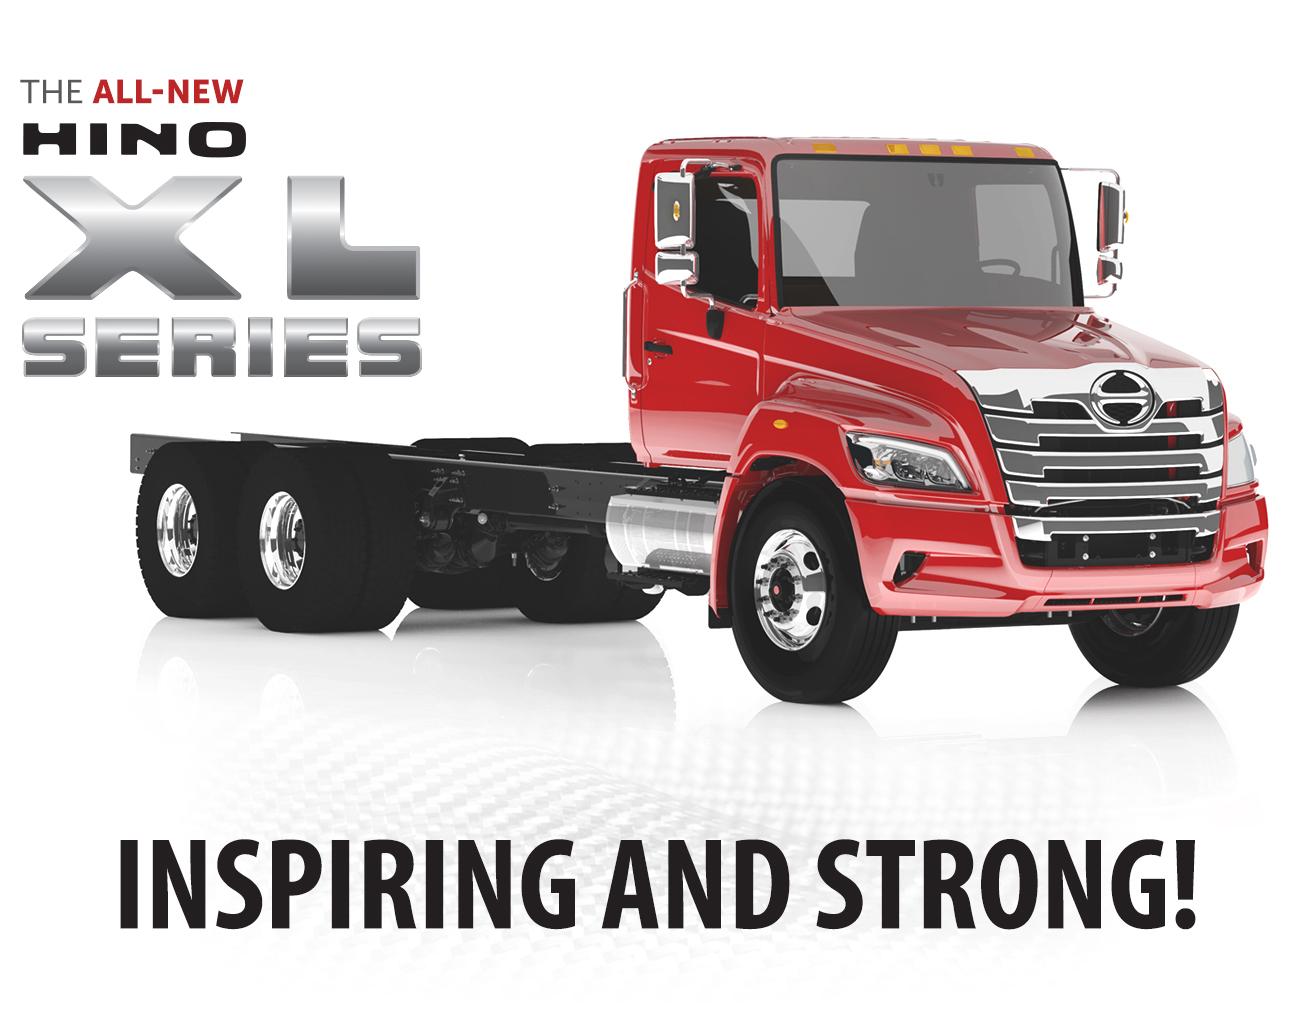 HINO XL-Series EN